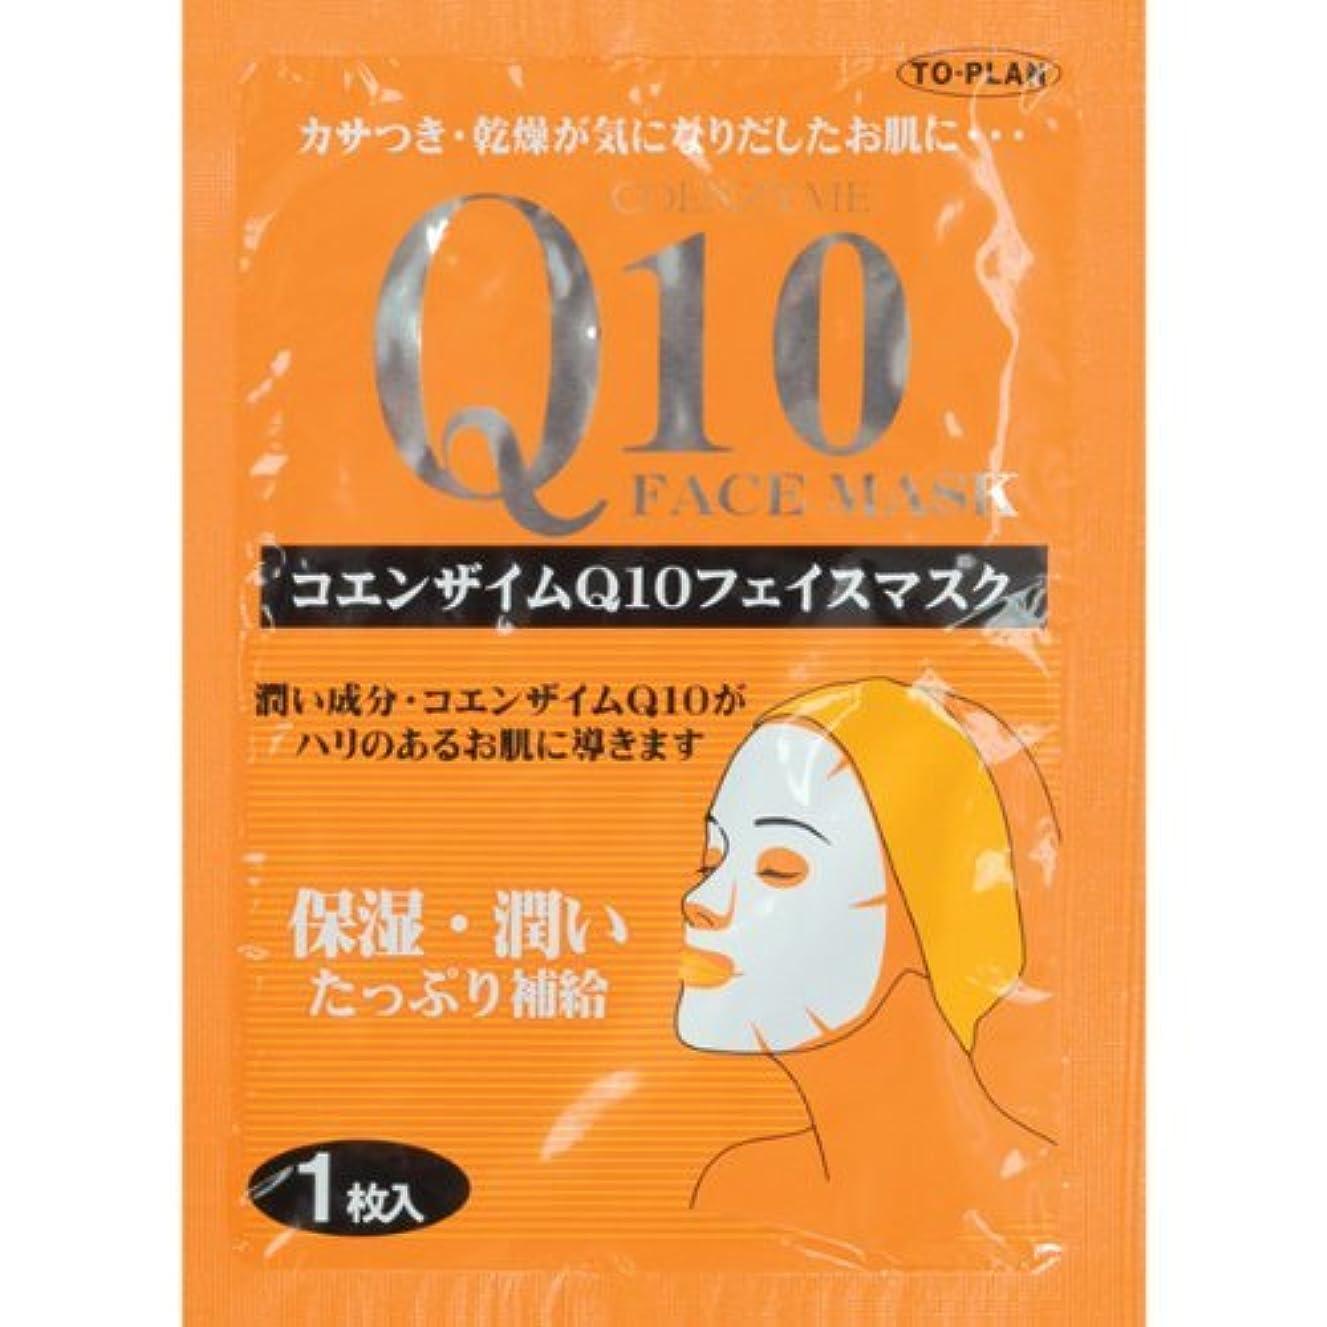 滅びるドーム群れフェイスマスク コエンザイムQ10 まとめ買い プレゼント フェイスパック (300枚)